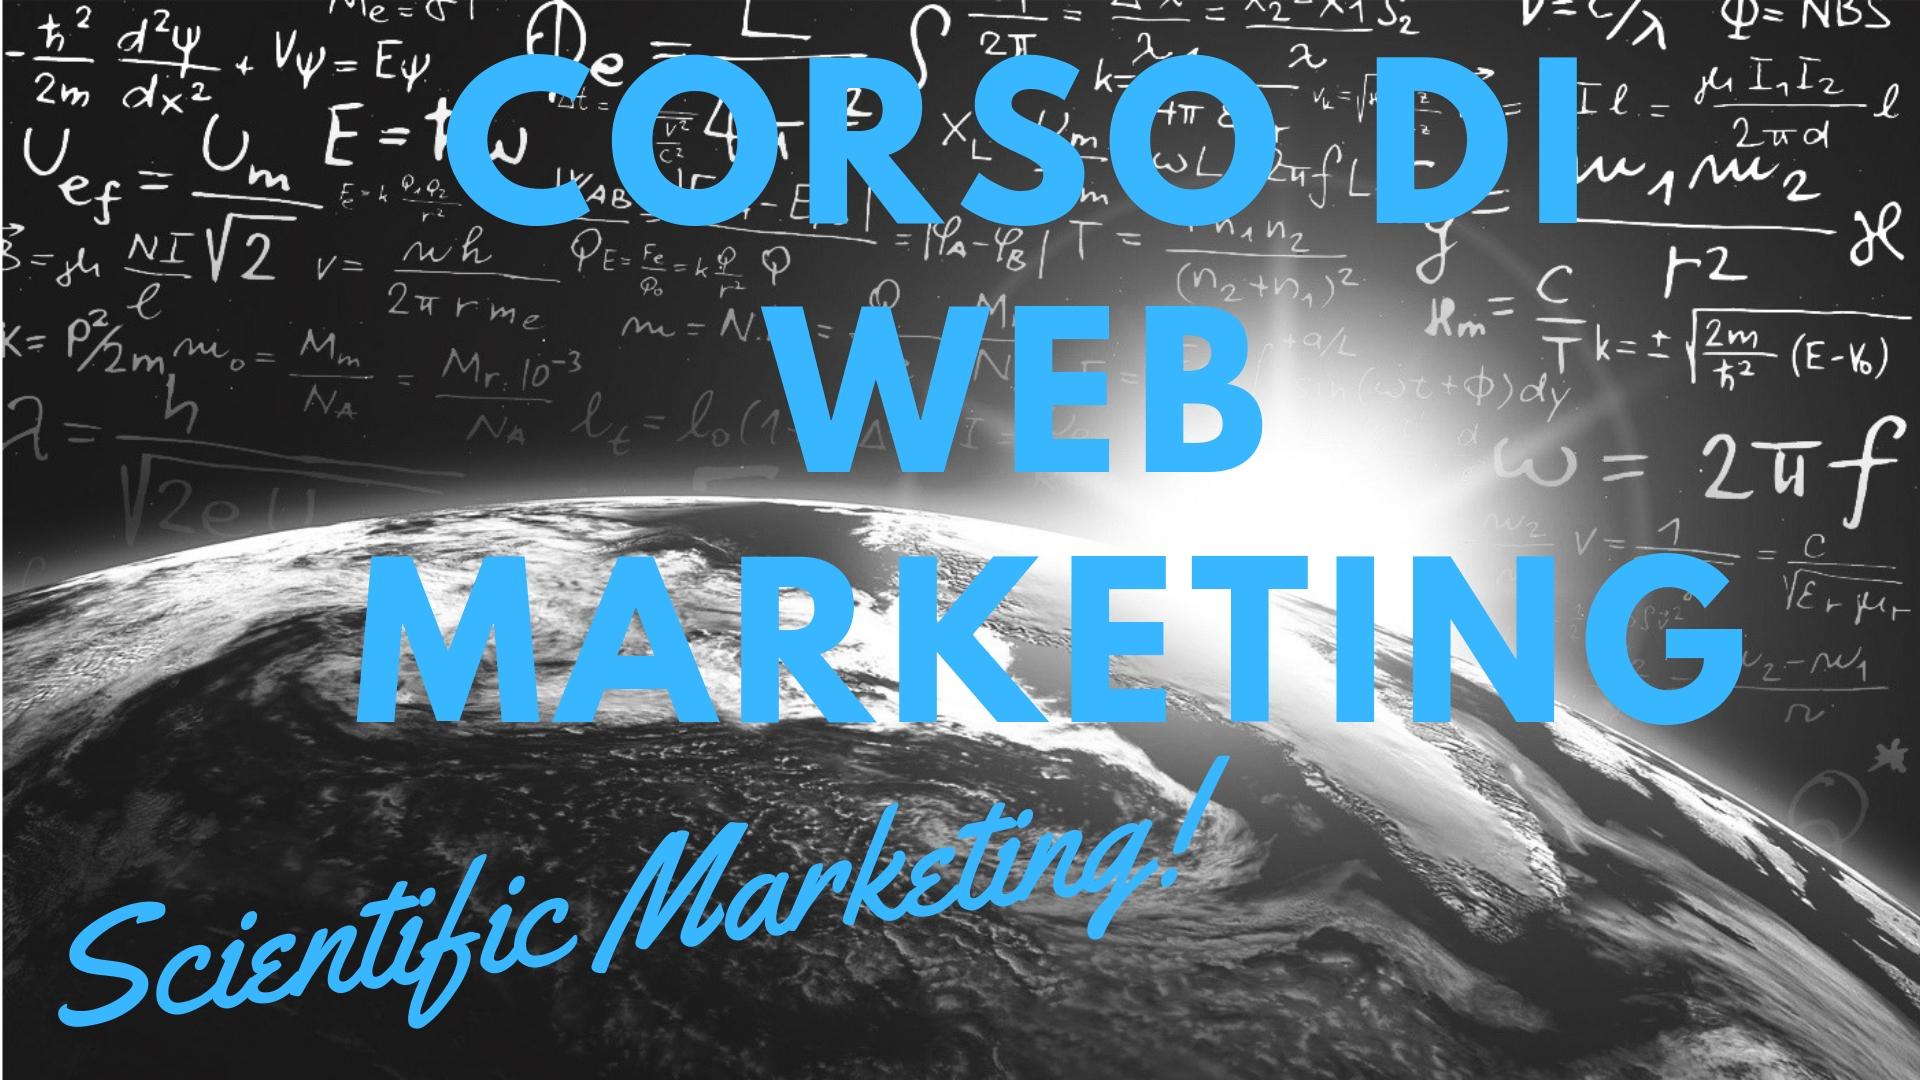 corso-web-marketing-scientific-marketing